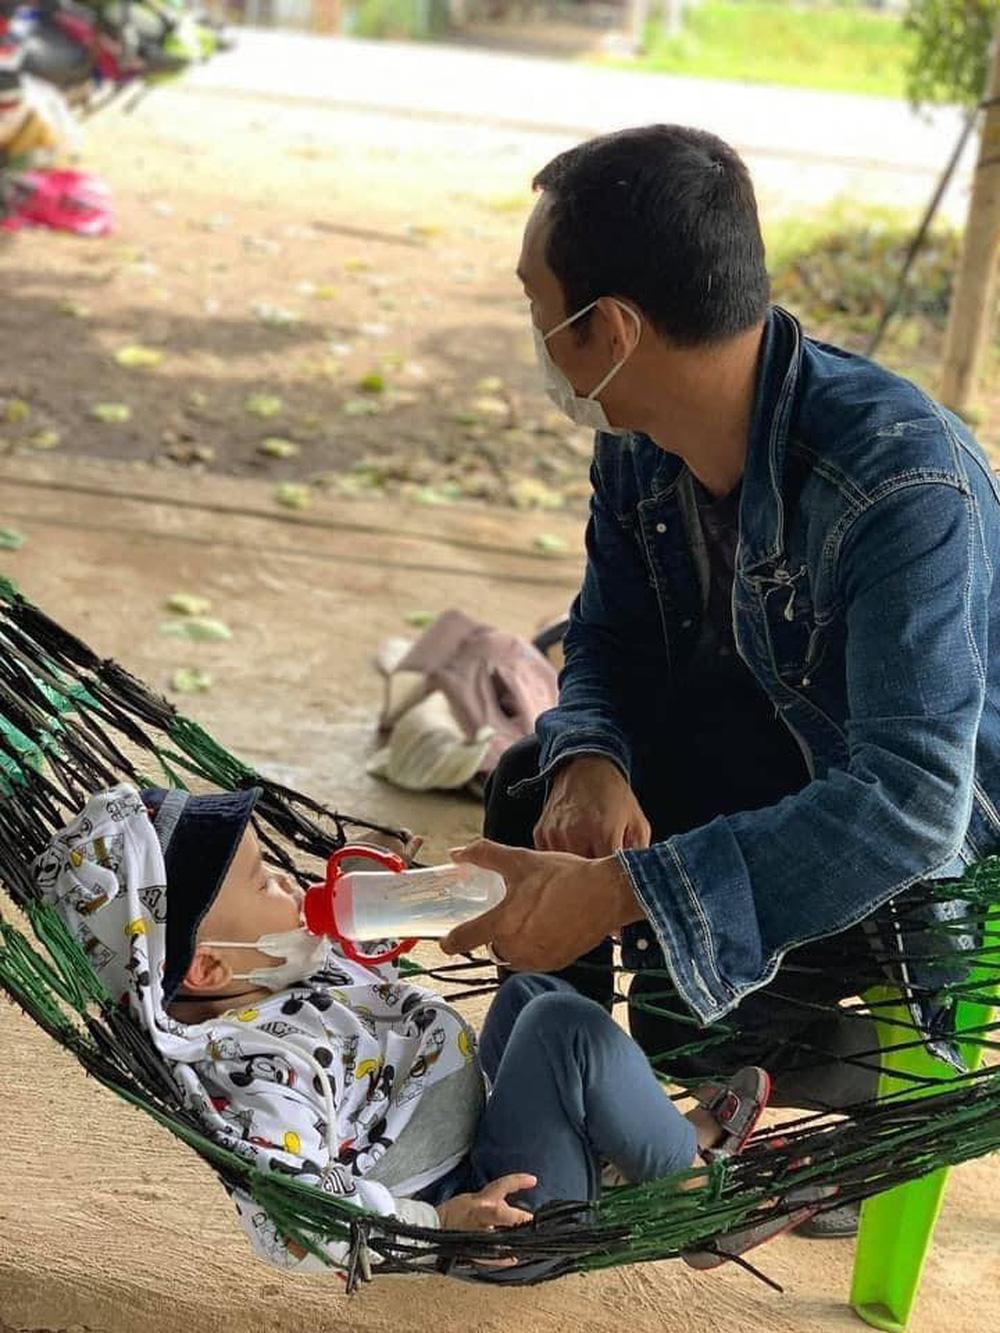 'Gà trống' địu con, một tay cầm lái một tay ôm bé vượt 1.300 km về quê: 'Đứa bé thiếu hơi mẹ nên cứ khóc ngặt suốt' 3